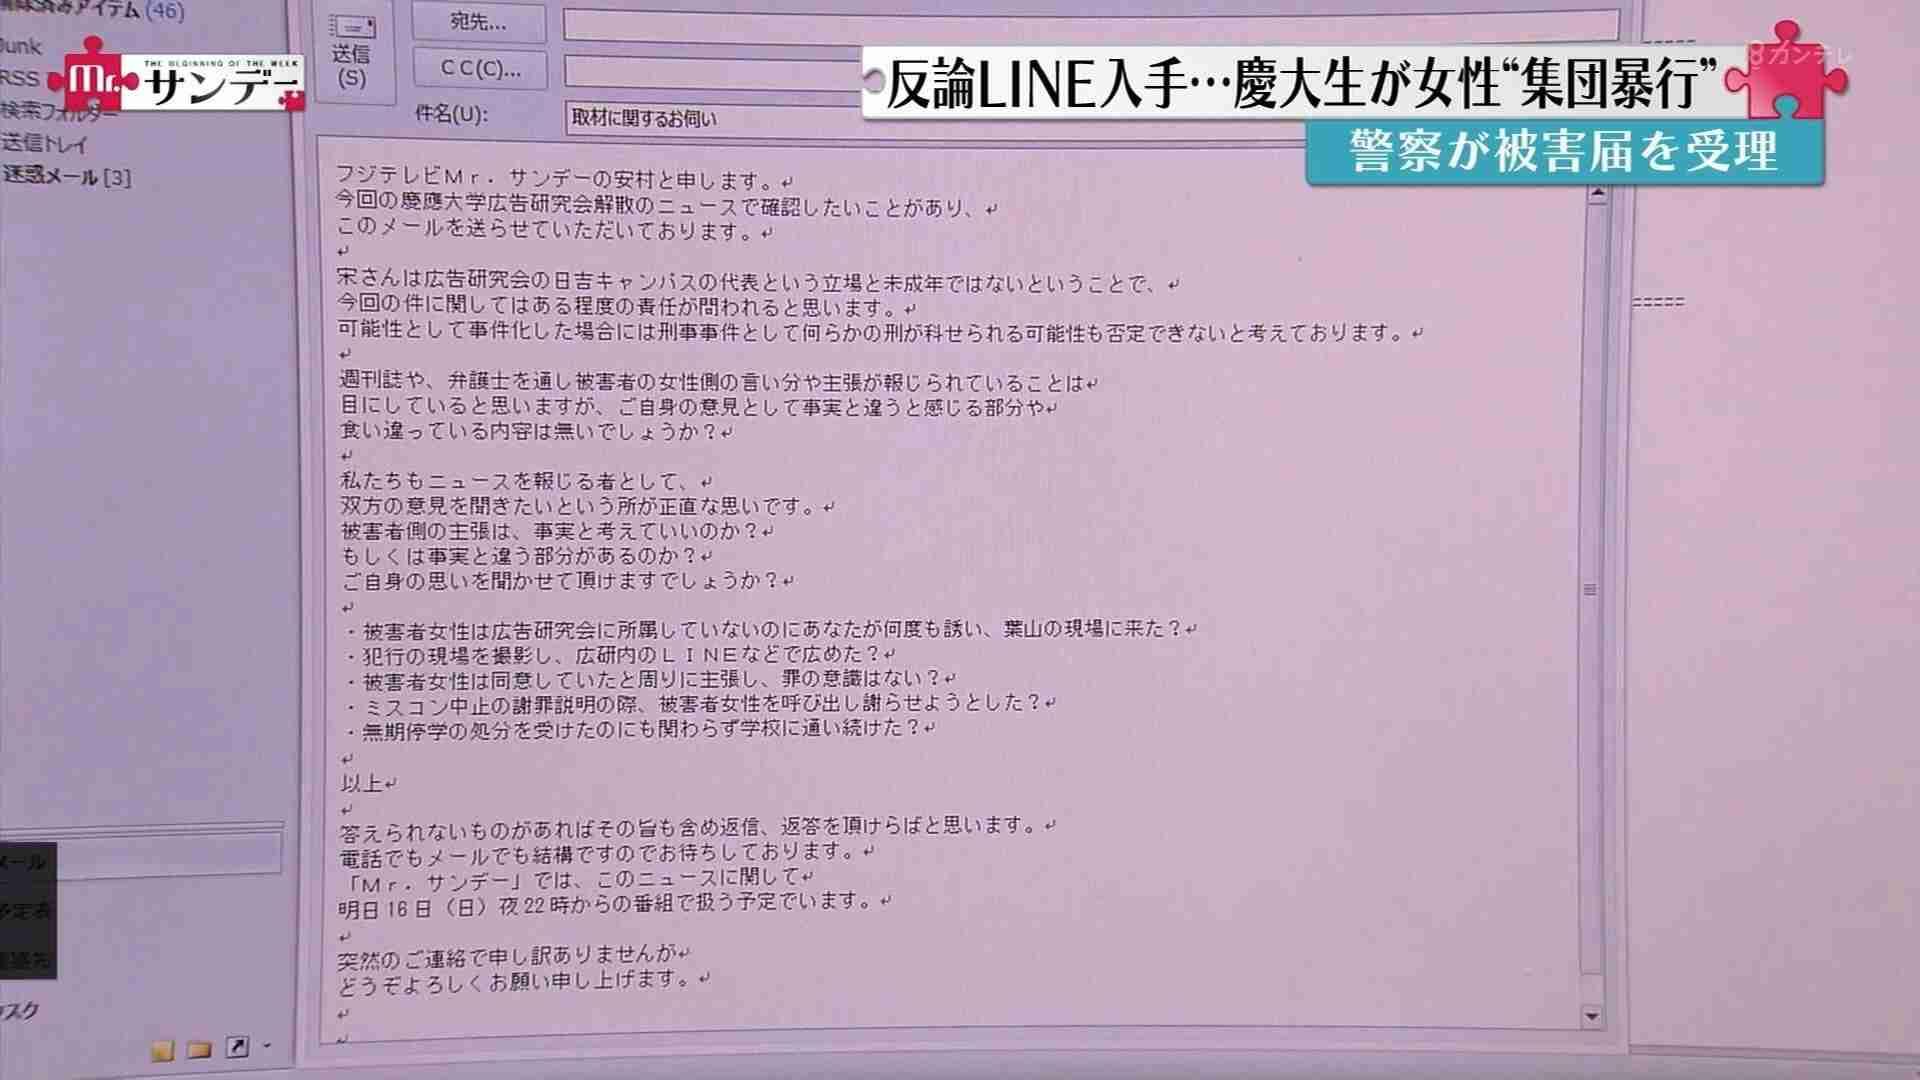 慶応大学に激震、フジテレビがミスコン強姦事件を実名報道 ( 大学 ) - 日々のストレス溜まりまくり - Yahoo!ブログ